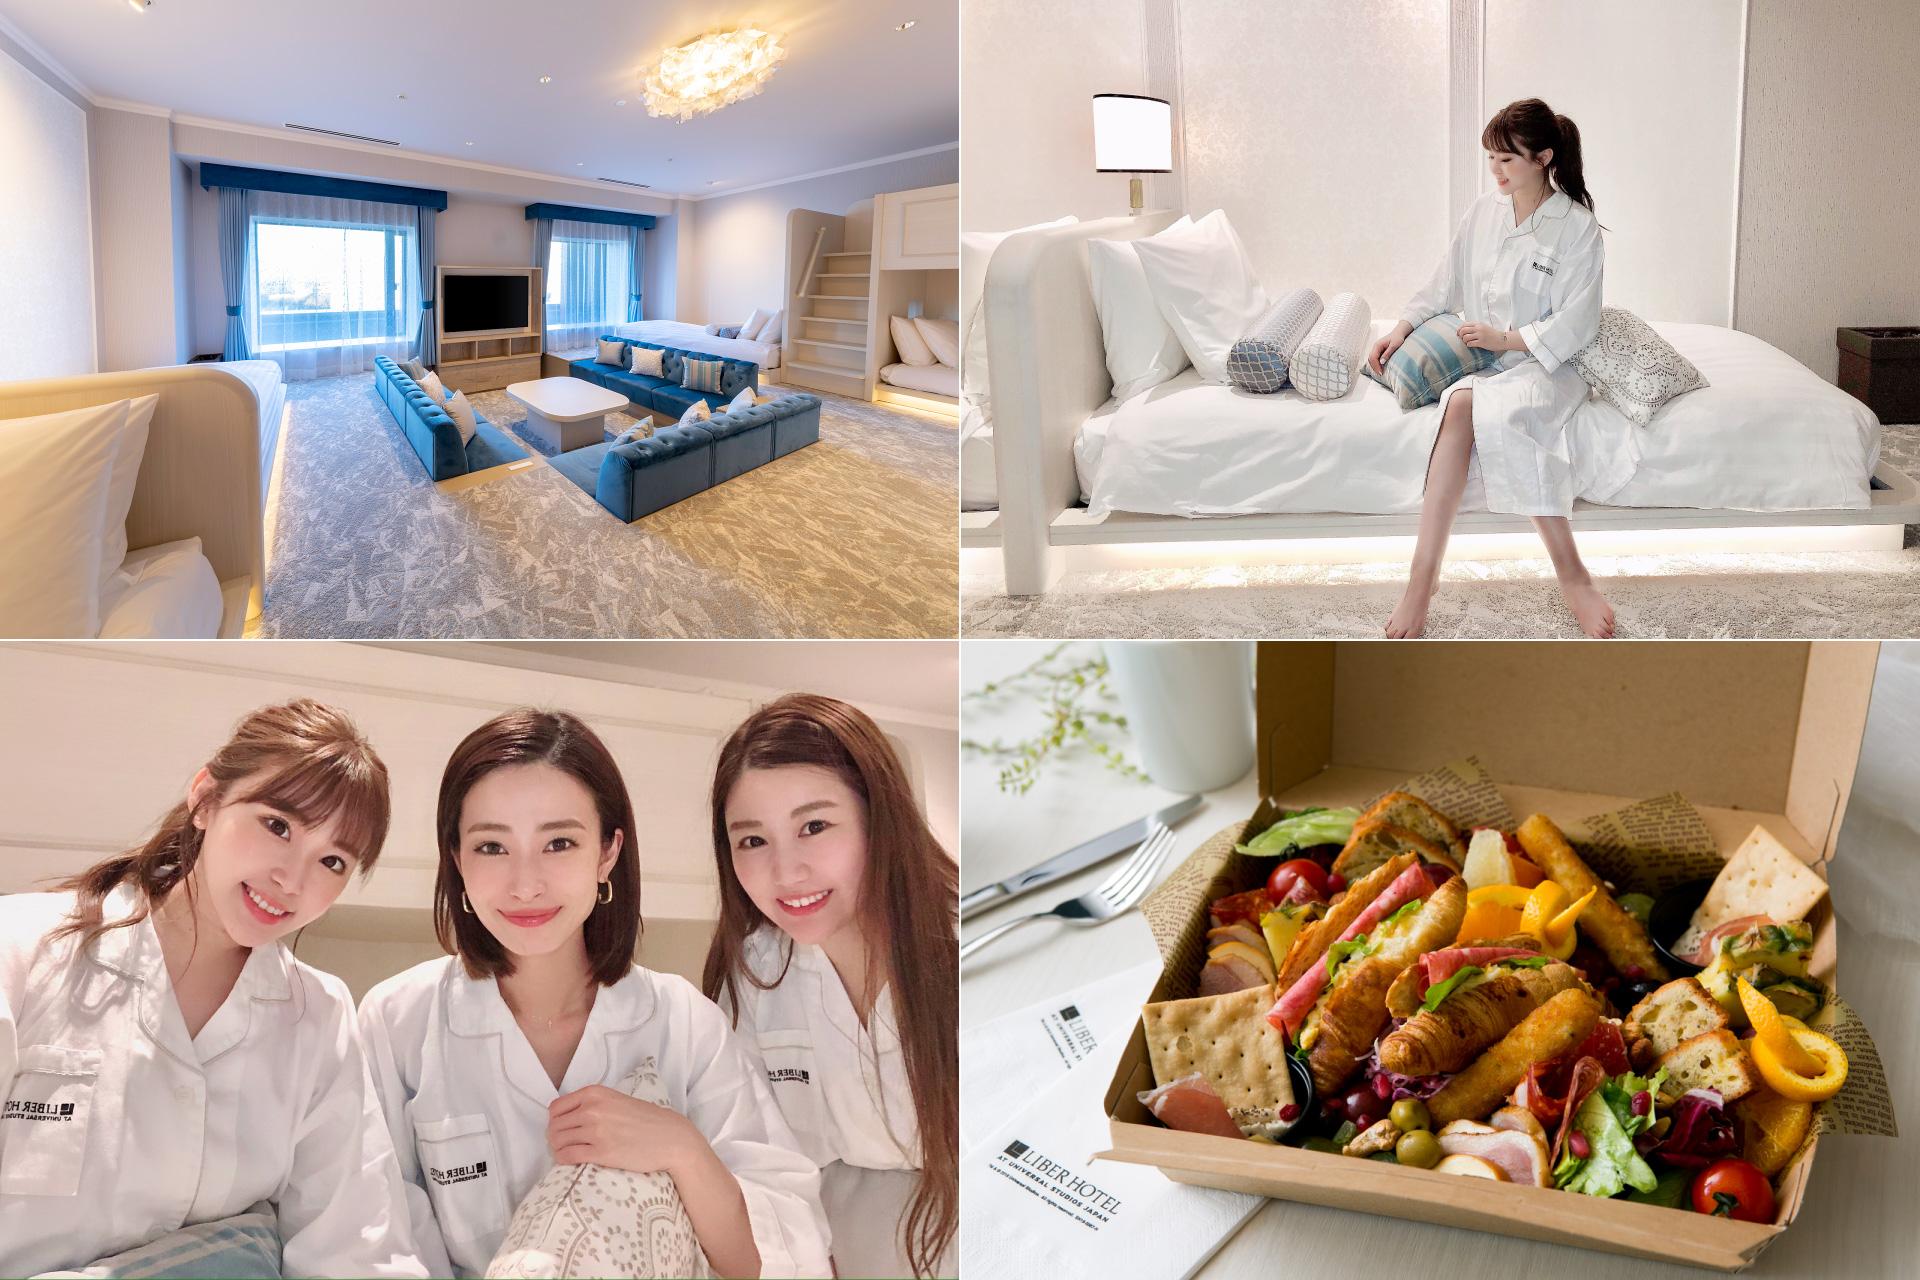 リーベル ホテル アット ユニバーサル スタジオ ジャパン